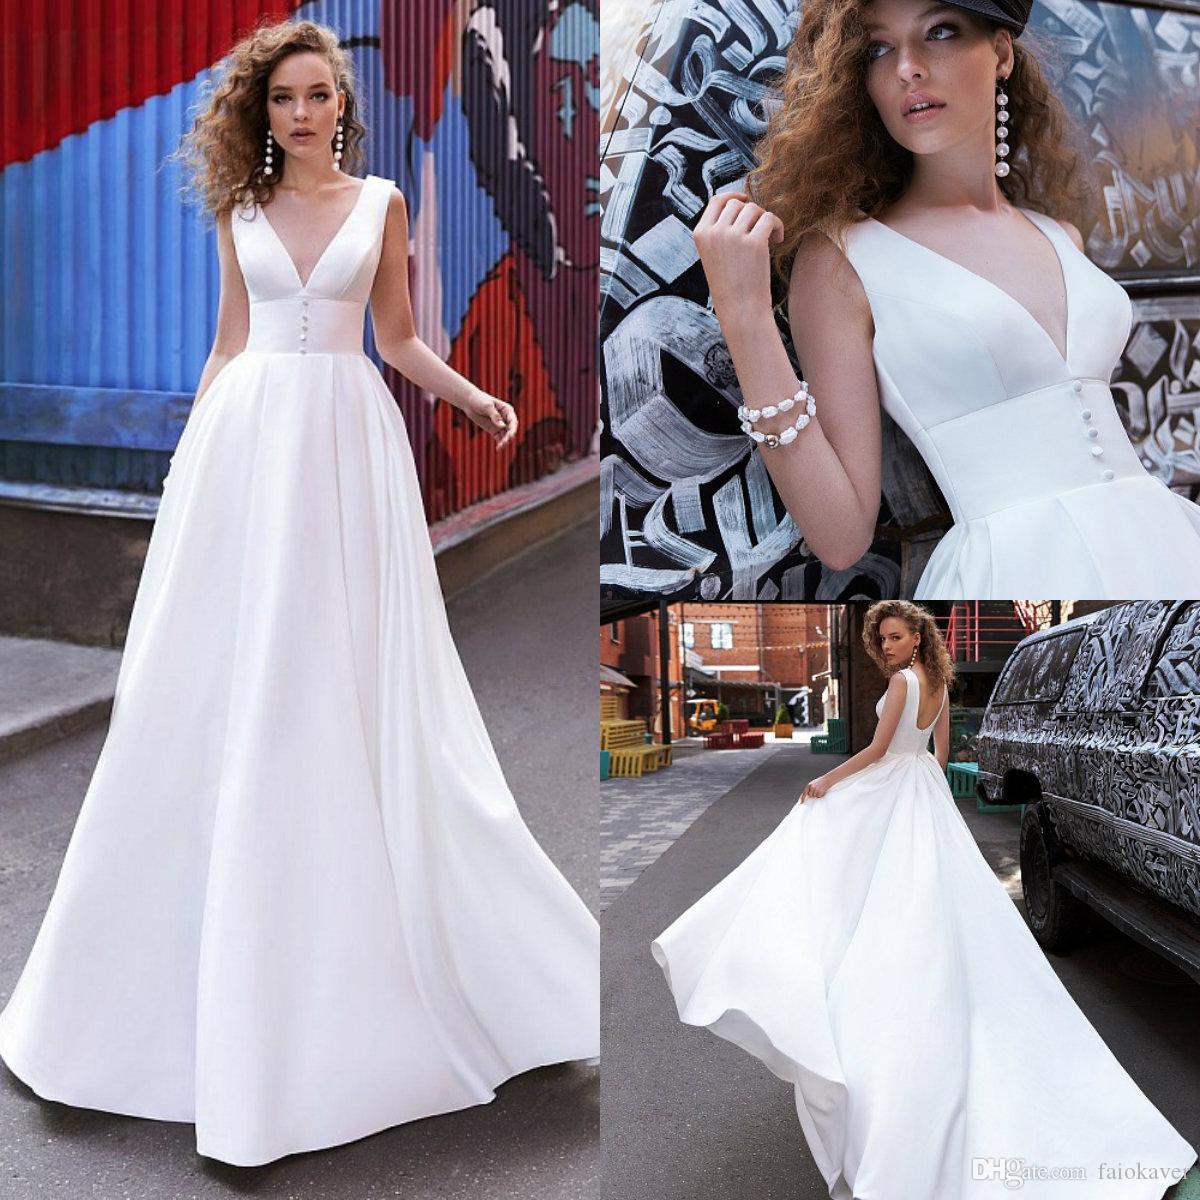 Simples Boho Vestido de Noiva A Linha de Trem da varredura profunda V Neck Satin Botão praia vestidos de casamento Custom Made Garden baratos vestidos de noiva